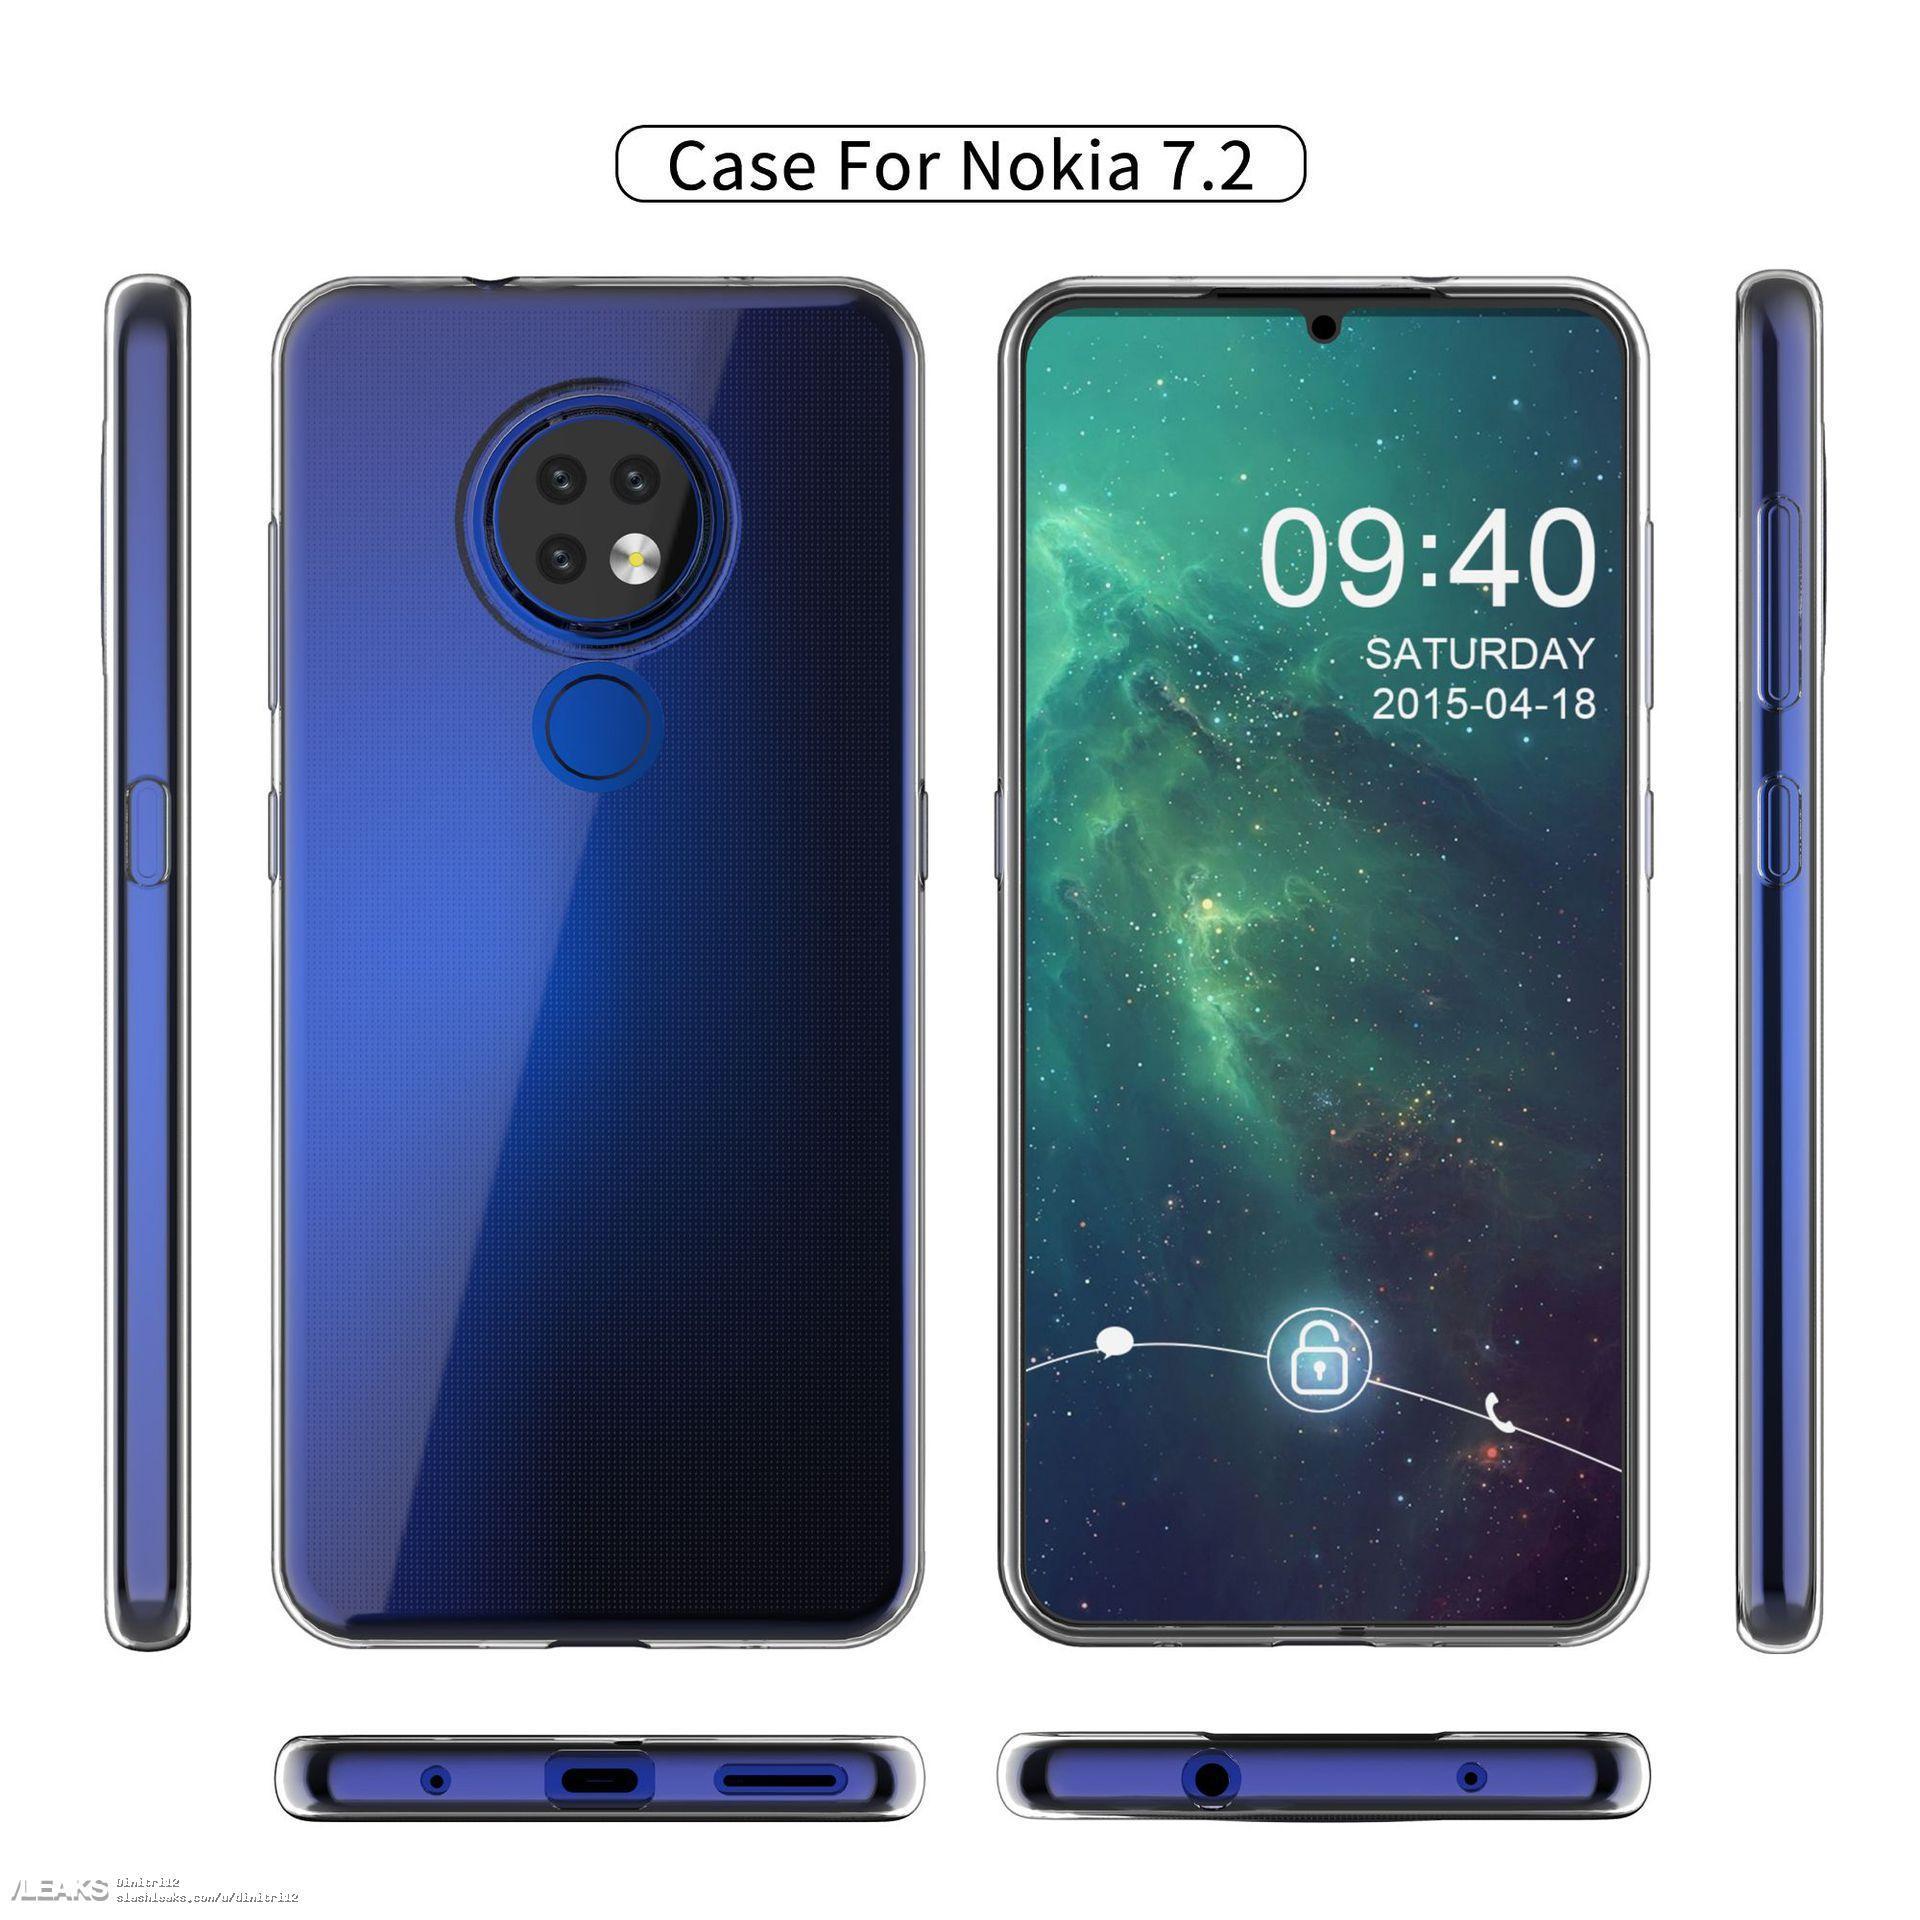 nokia 6.2 & nokia 7.2 launch